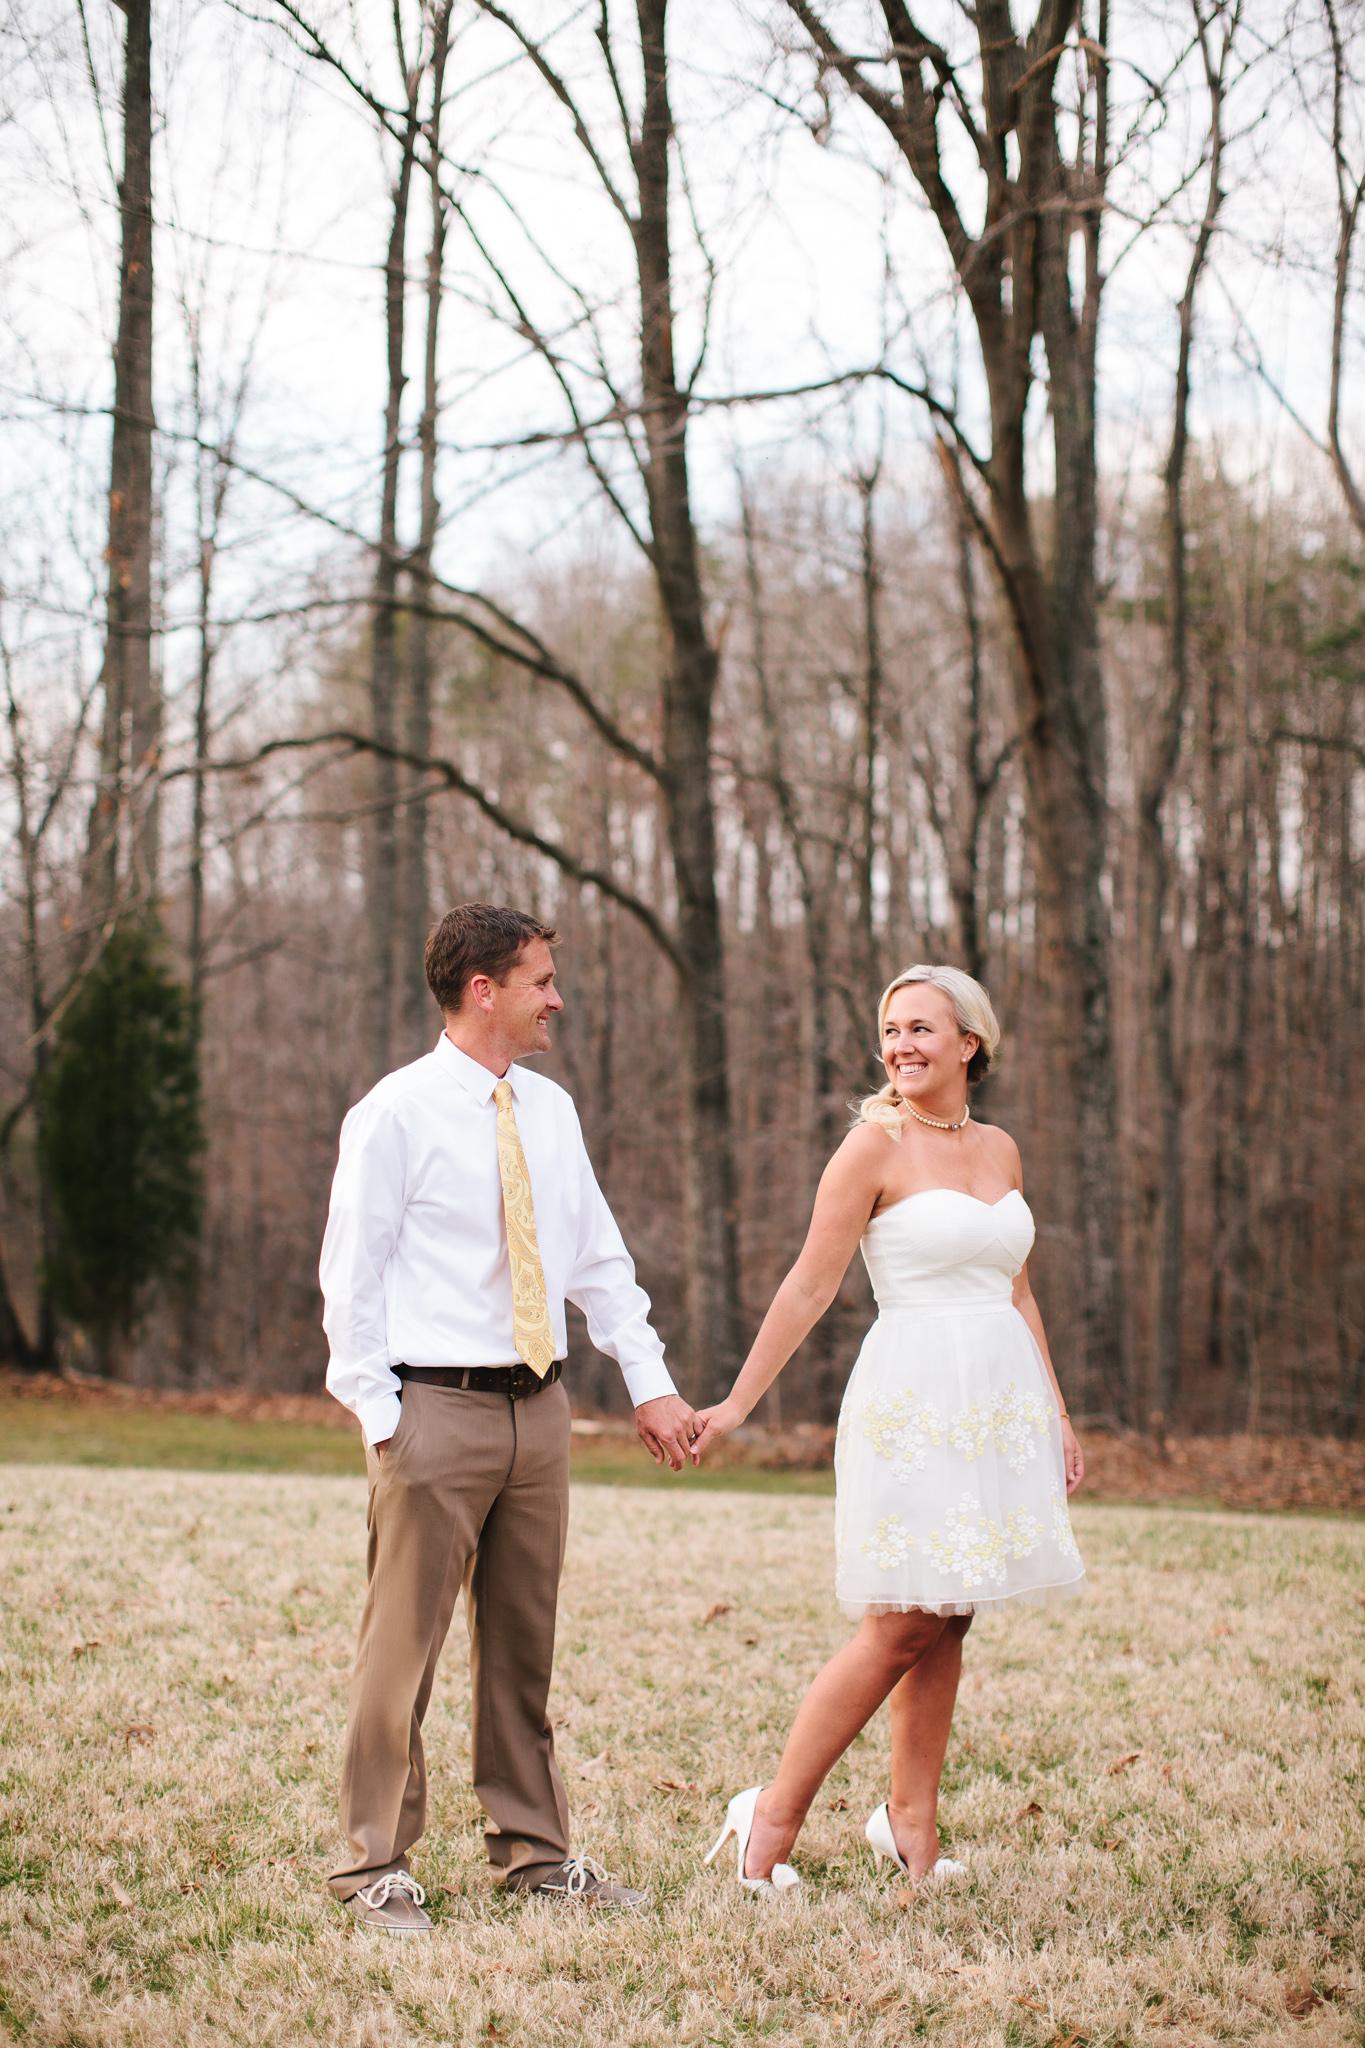 north_carolina_wedding_portraits_tierney_cyanne_photography_1445.jpg